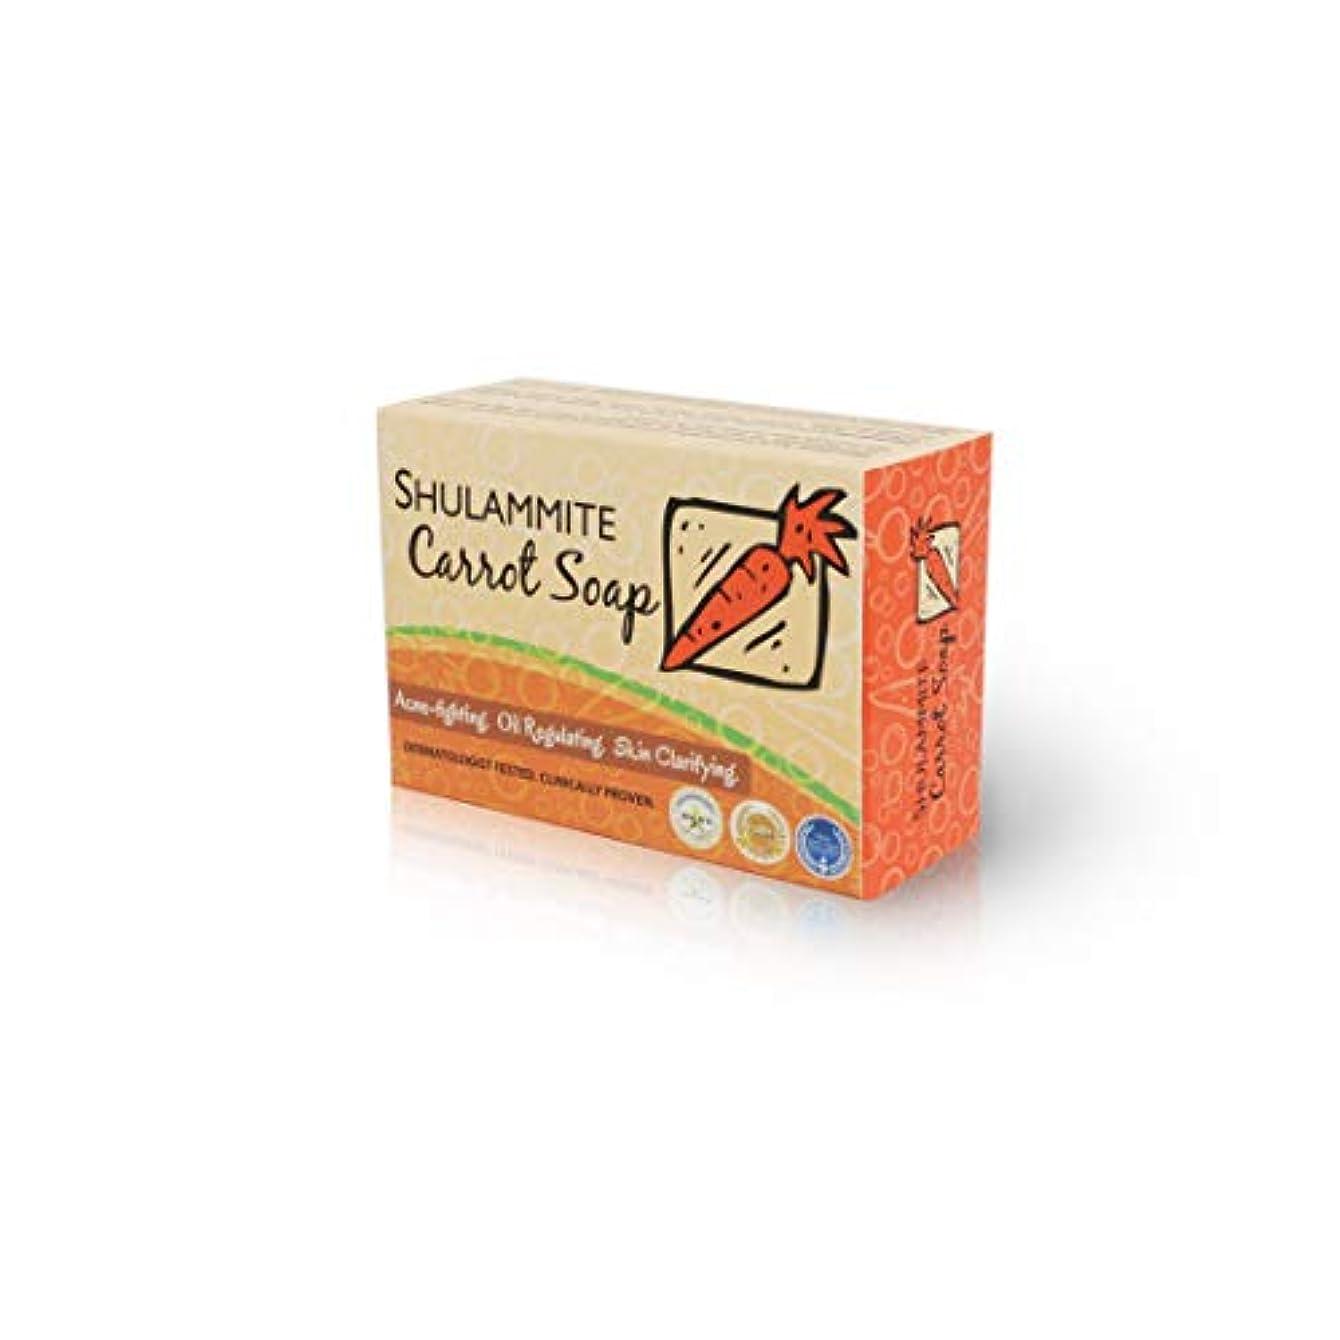 東部苦しめるビルSHULAMMITE Carrot Soap キャロットソープ150g 正規輸入代理店 Harmony & Wellness Japan distributor! Exclusive contract with manufacturer